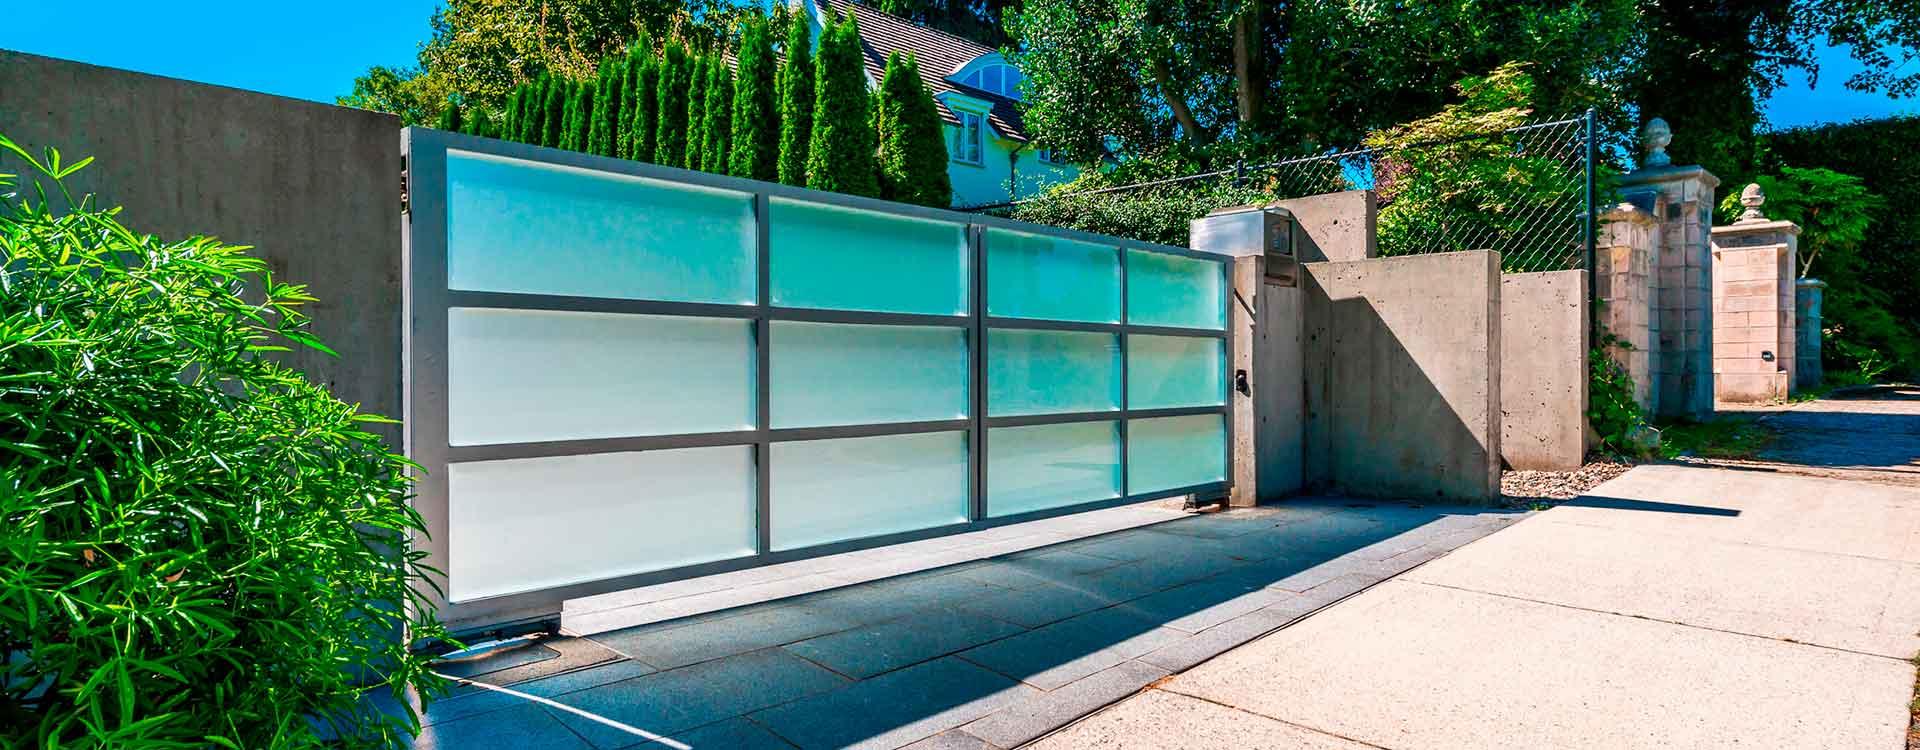 Normativas puertas garajes en comunidades de vecinos